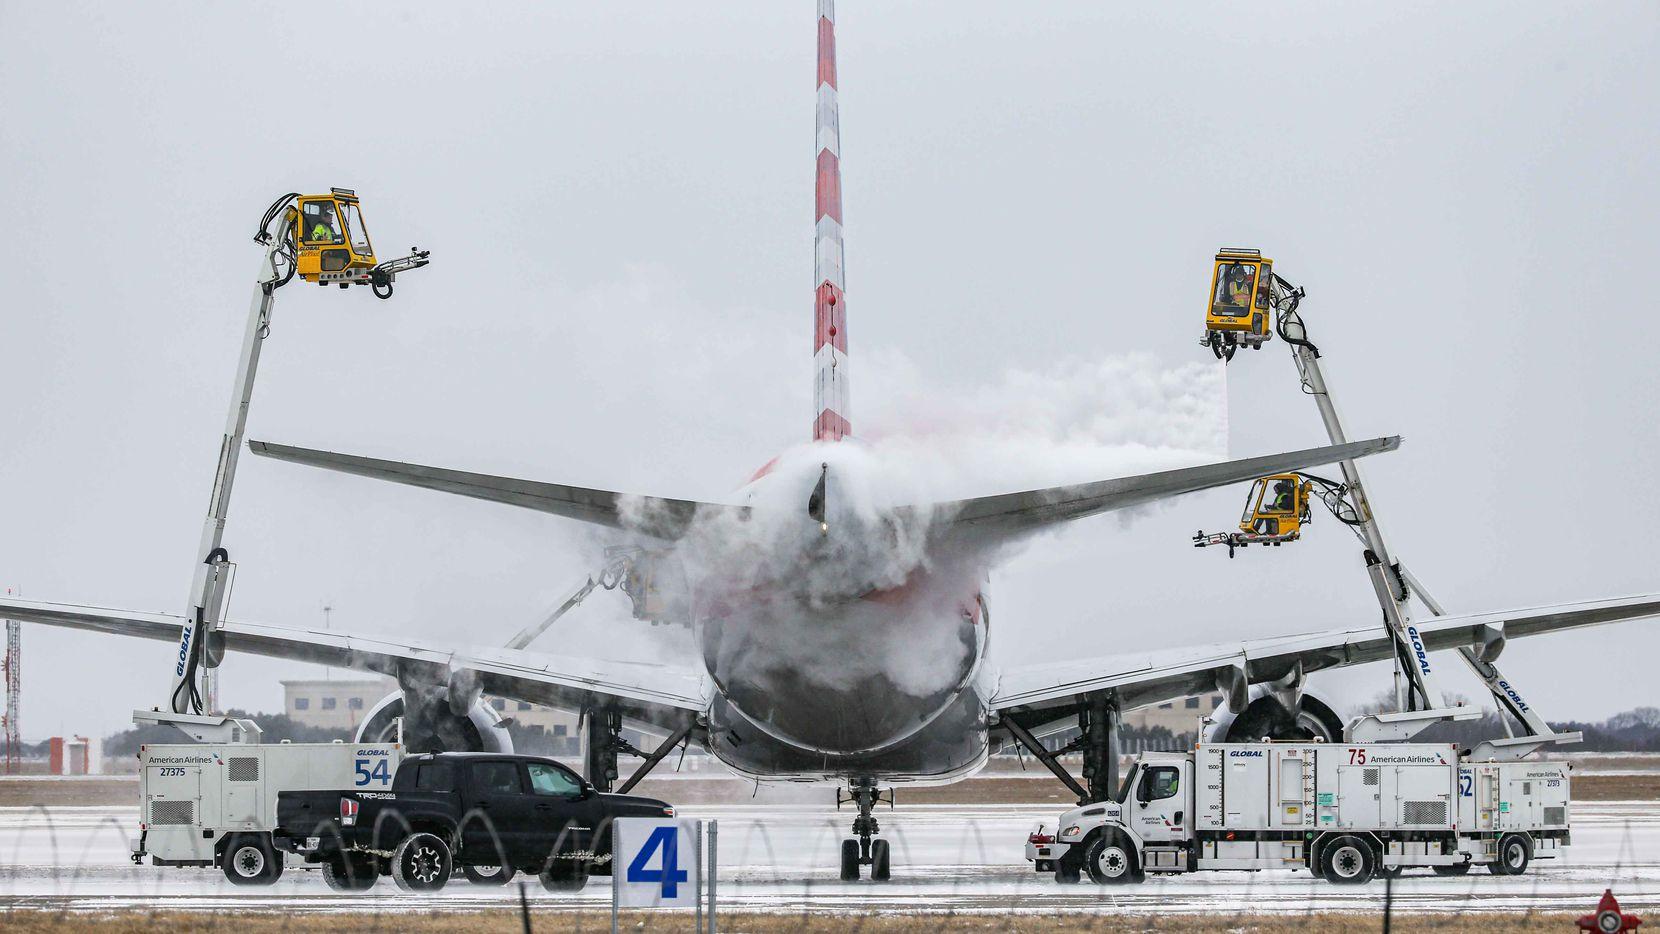 Una avión de American Airlines en el Aeropuerto Internacional DFW es rociado con químicos para quitarle el hielo antes de volar a temperaturas congelantes, el domingo 14 de febrero.